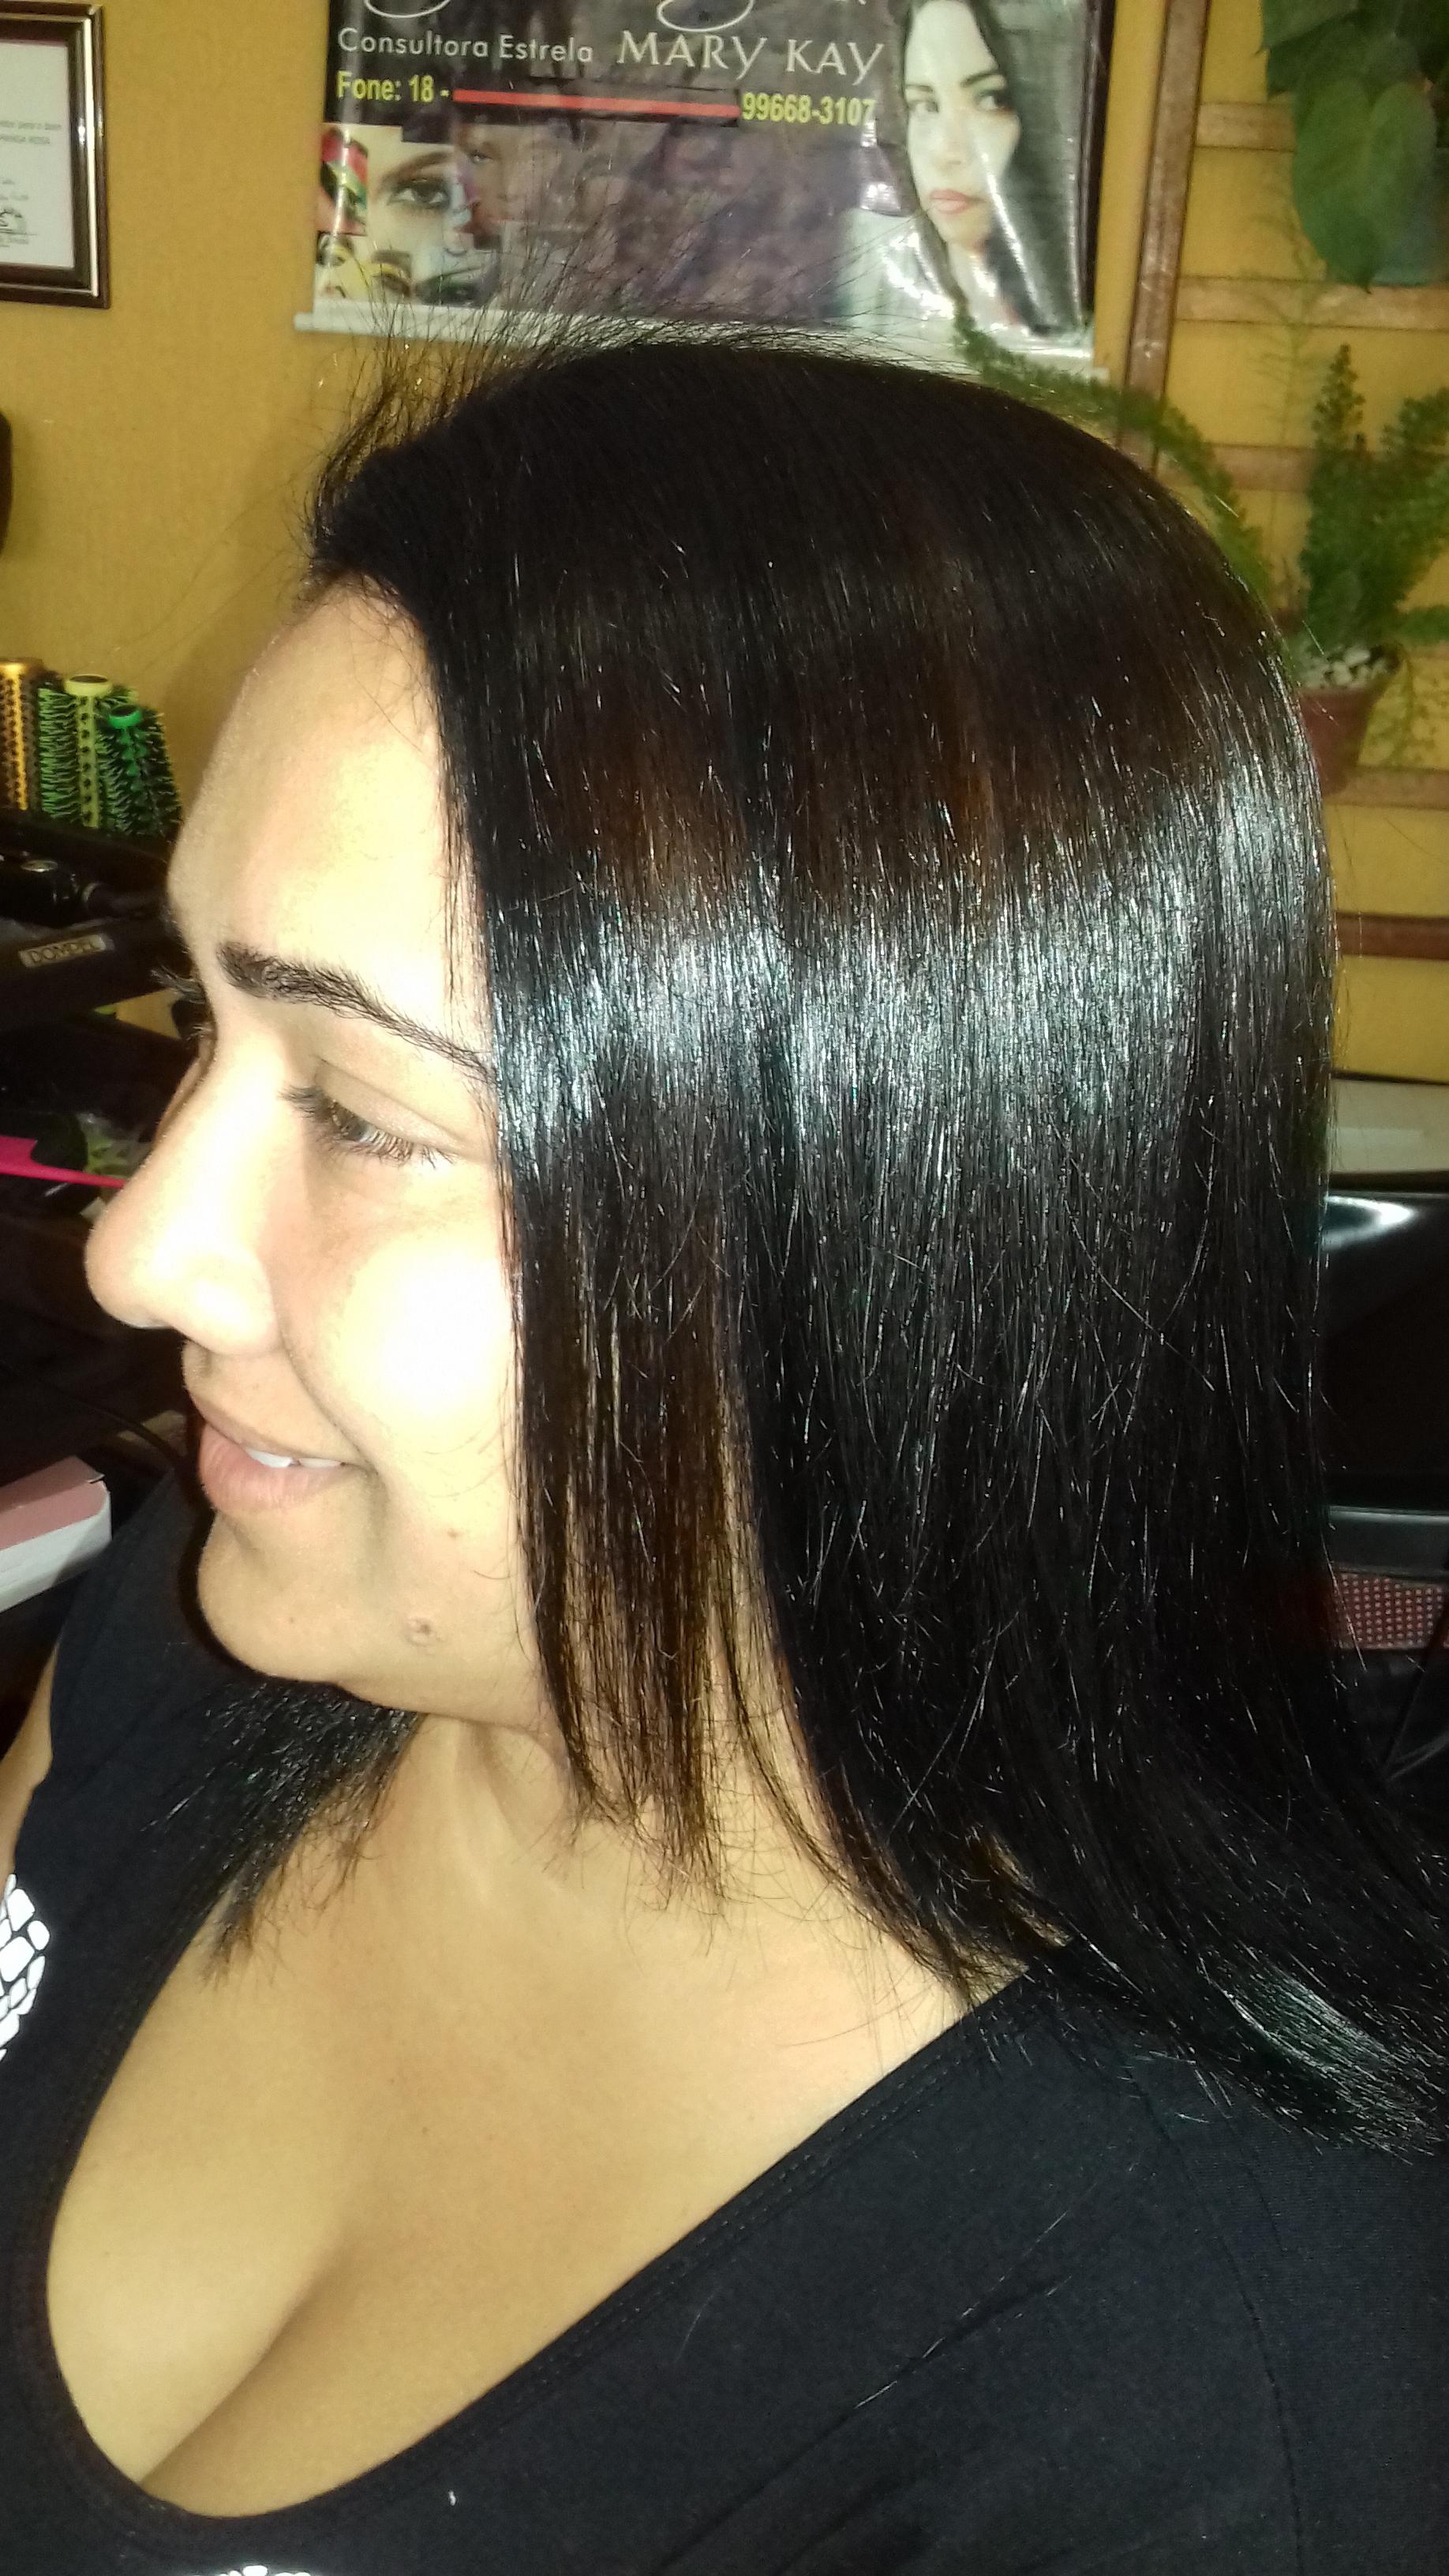 Cabelo bem tratados com amor e carinho resultado Fantástico com Sandra Silva! Observem o brilho!  cabelo designer de sobrancelhas maquiador(a) cabeleireiro(a) consultor(a) depilador(a) empresário(a) / dono de negócio